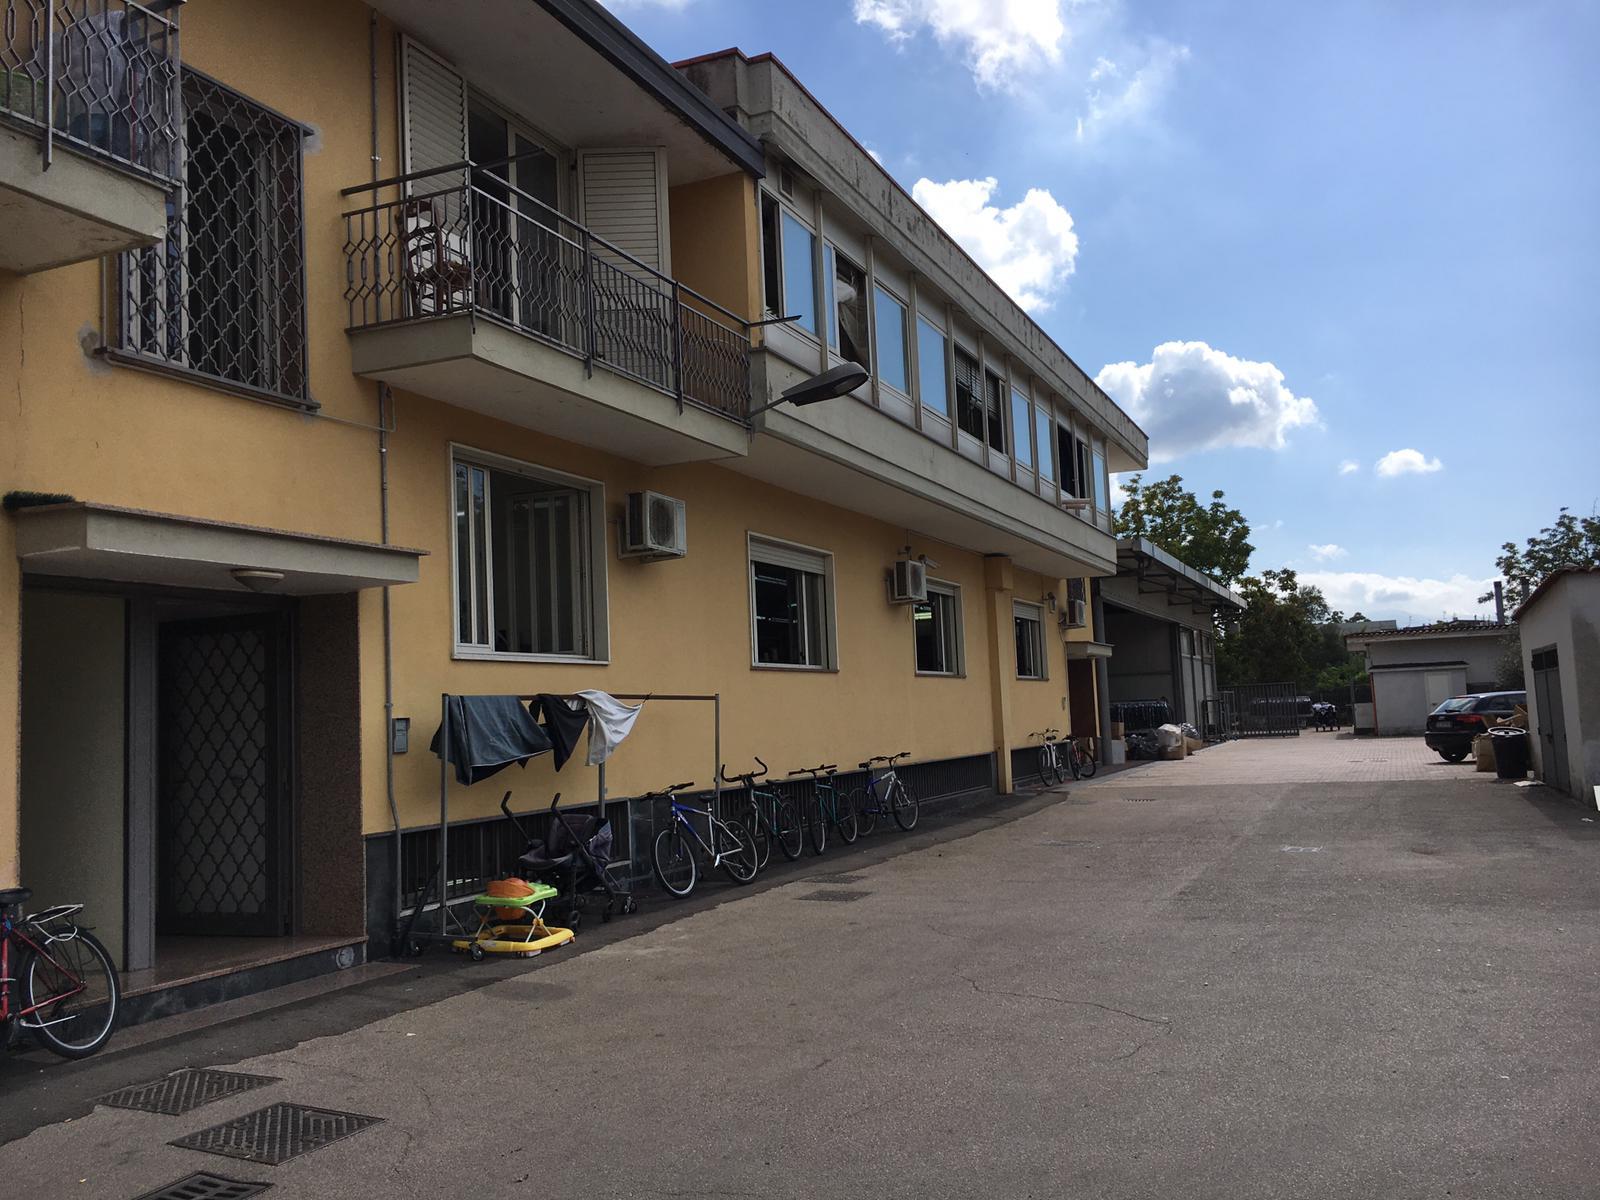 Palazzo / Stabile in vendita a San Gennaro Vesuviano, 4 locali, Trattative riservate | CambioCasa.it